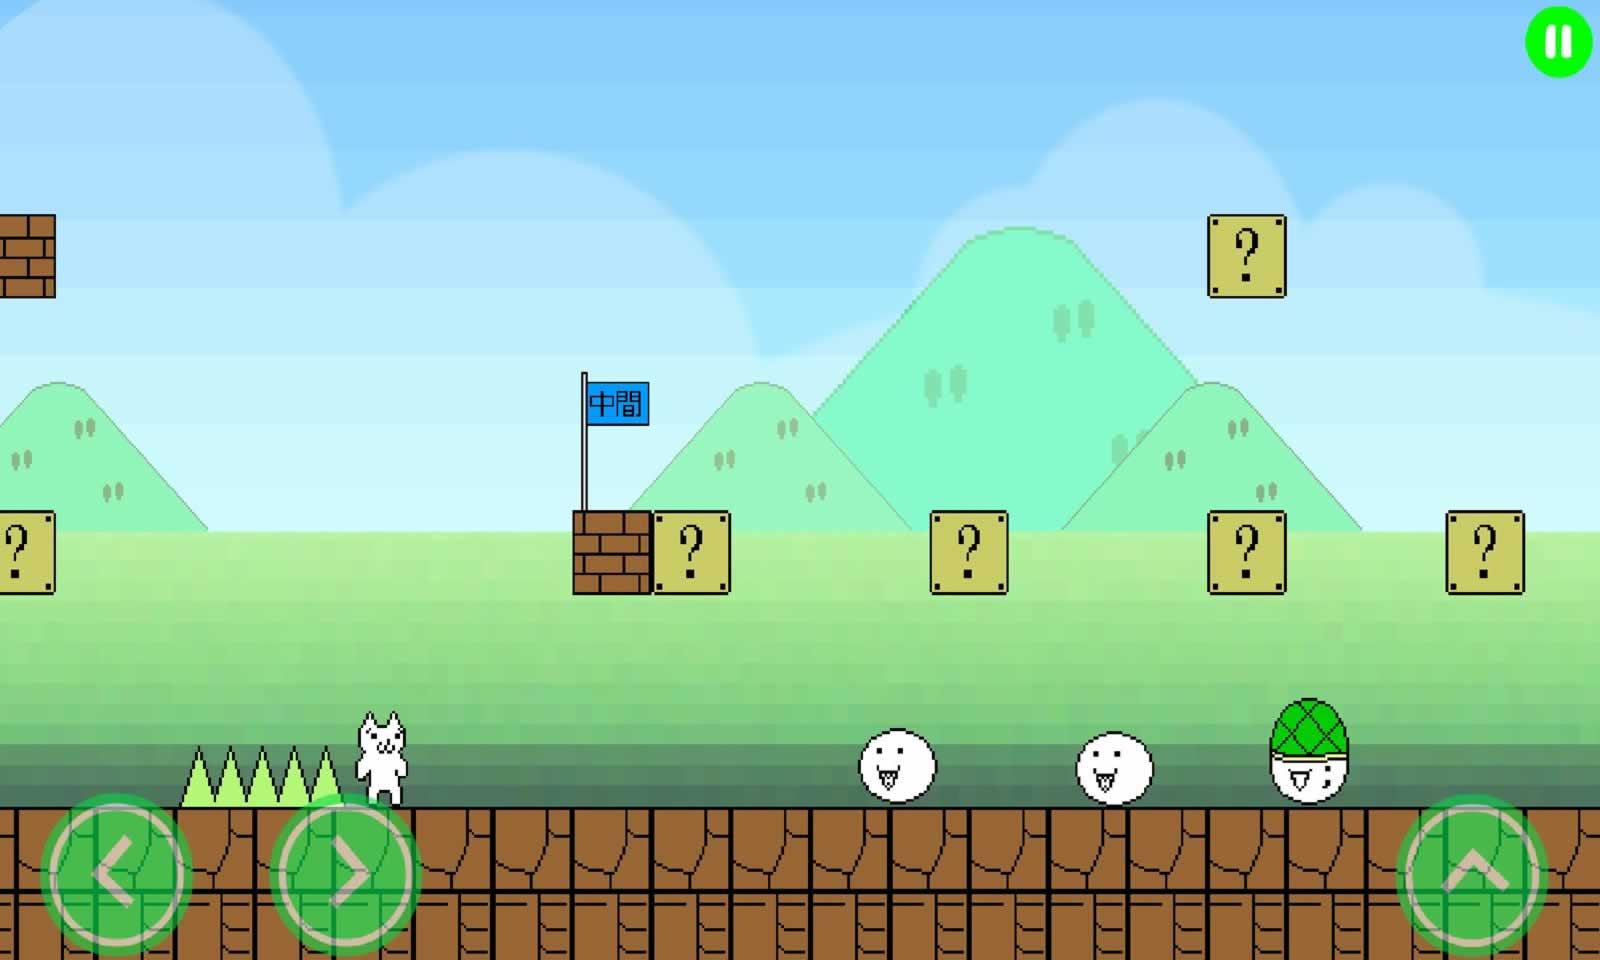 超级猫里奥2最新无敌版2020游戏截图